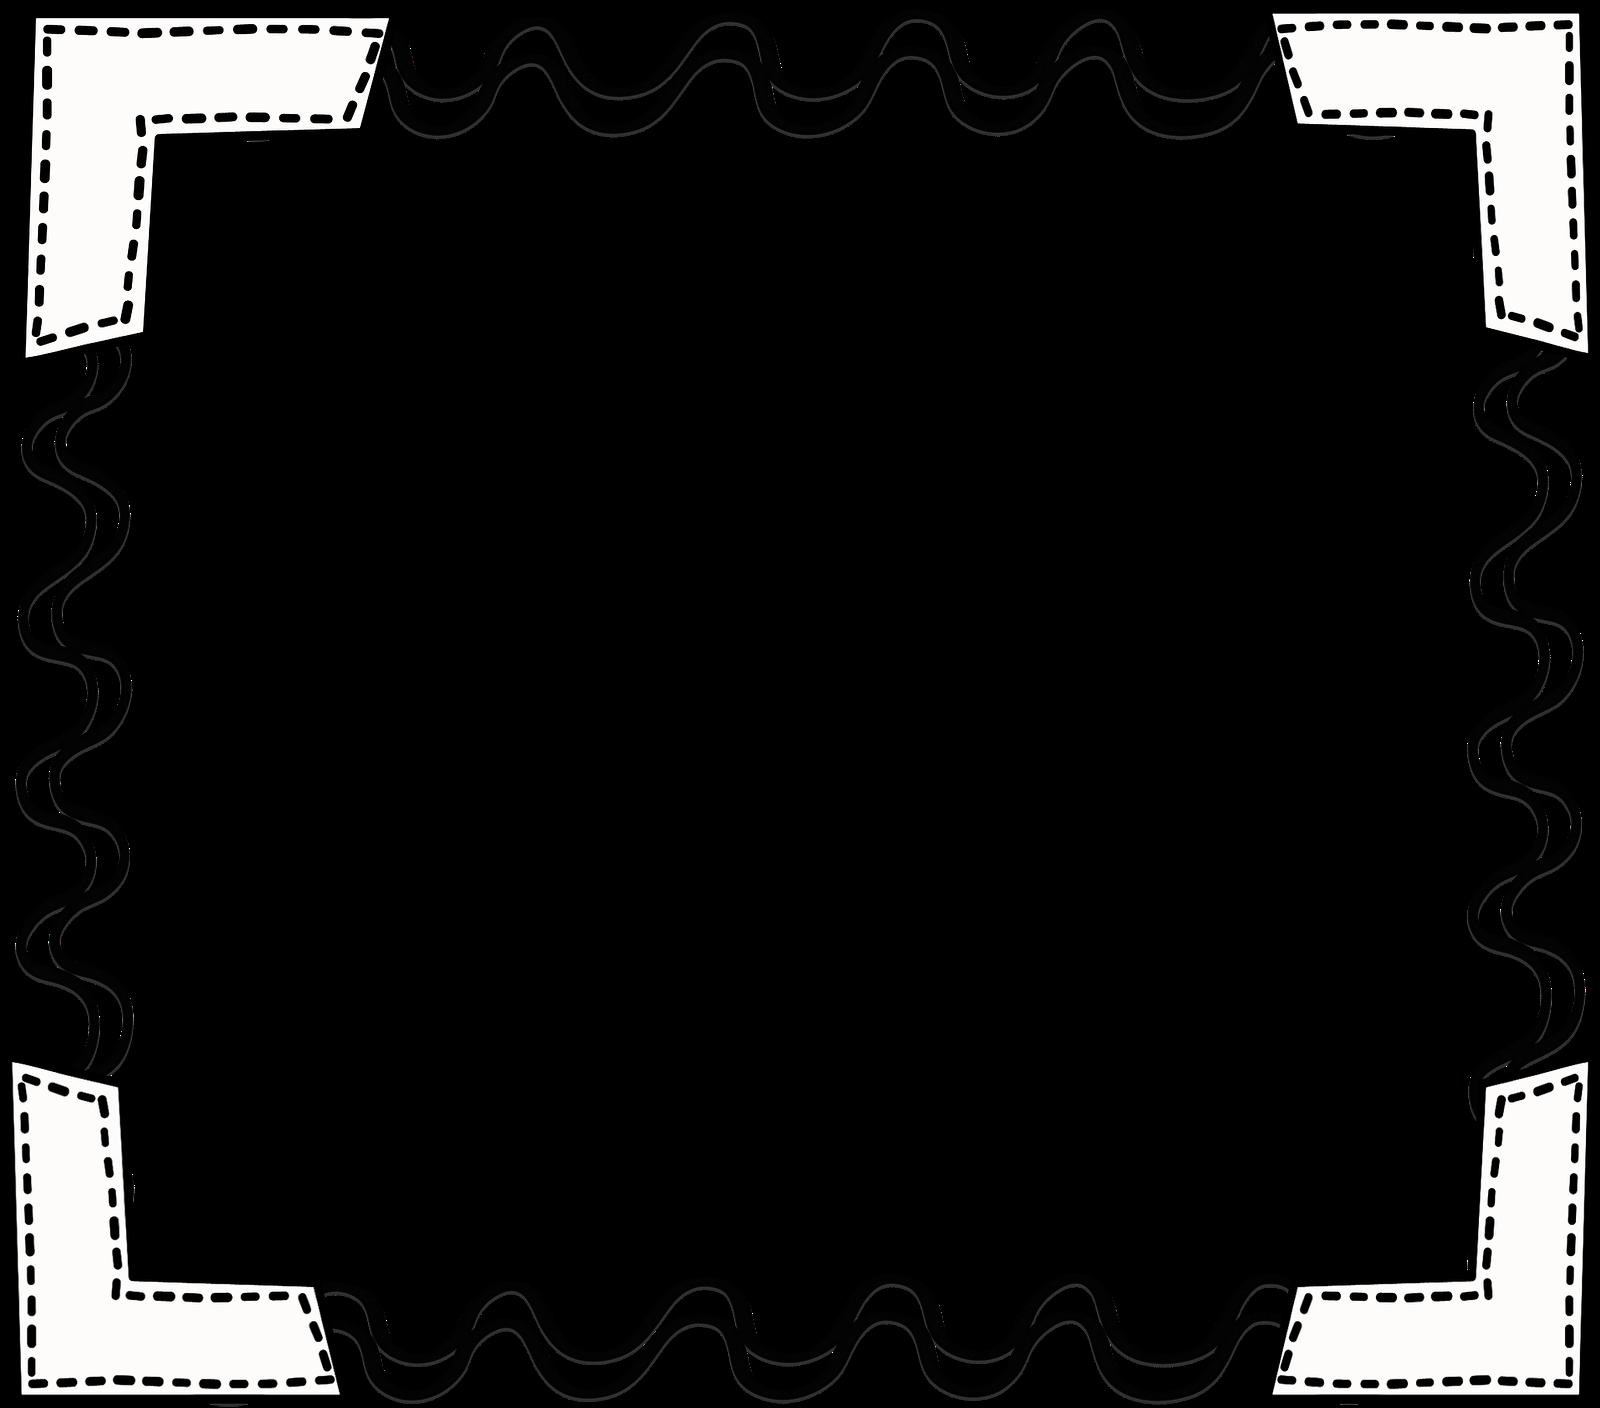 Newspaper clipart border. Black white scribbleframe png